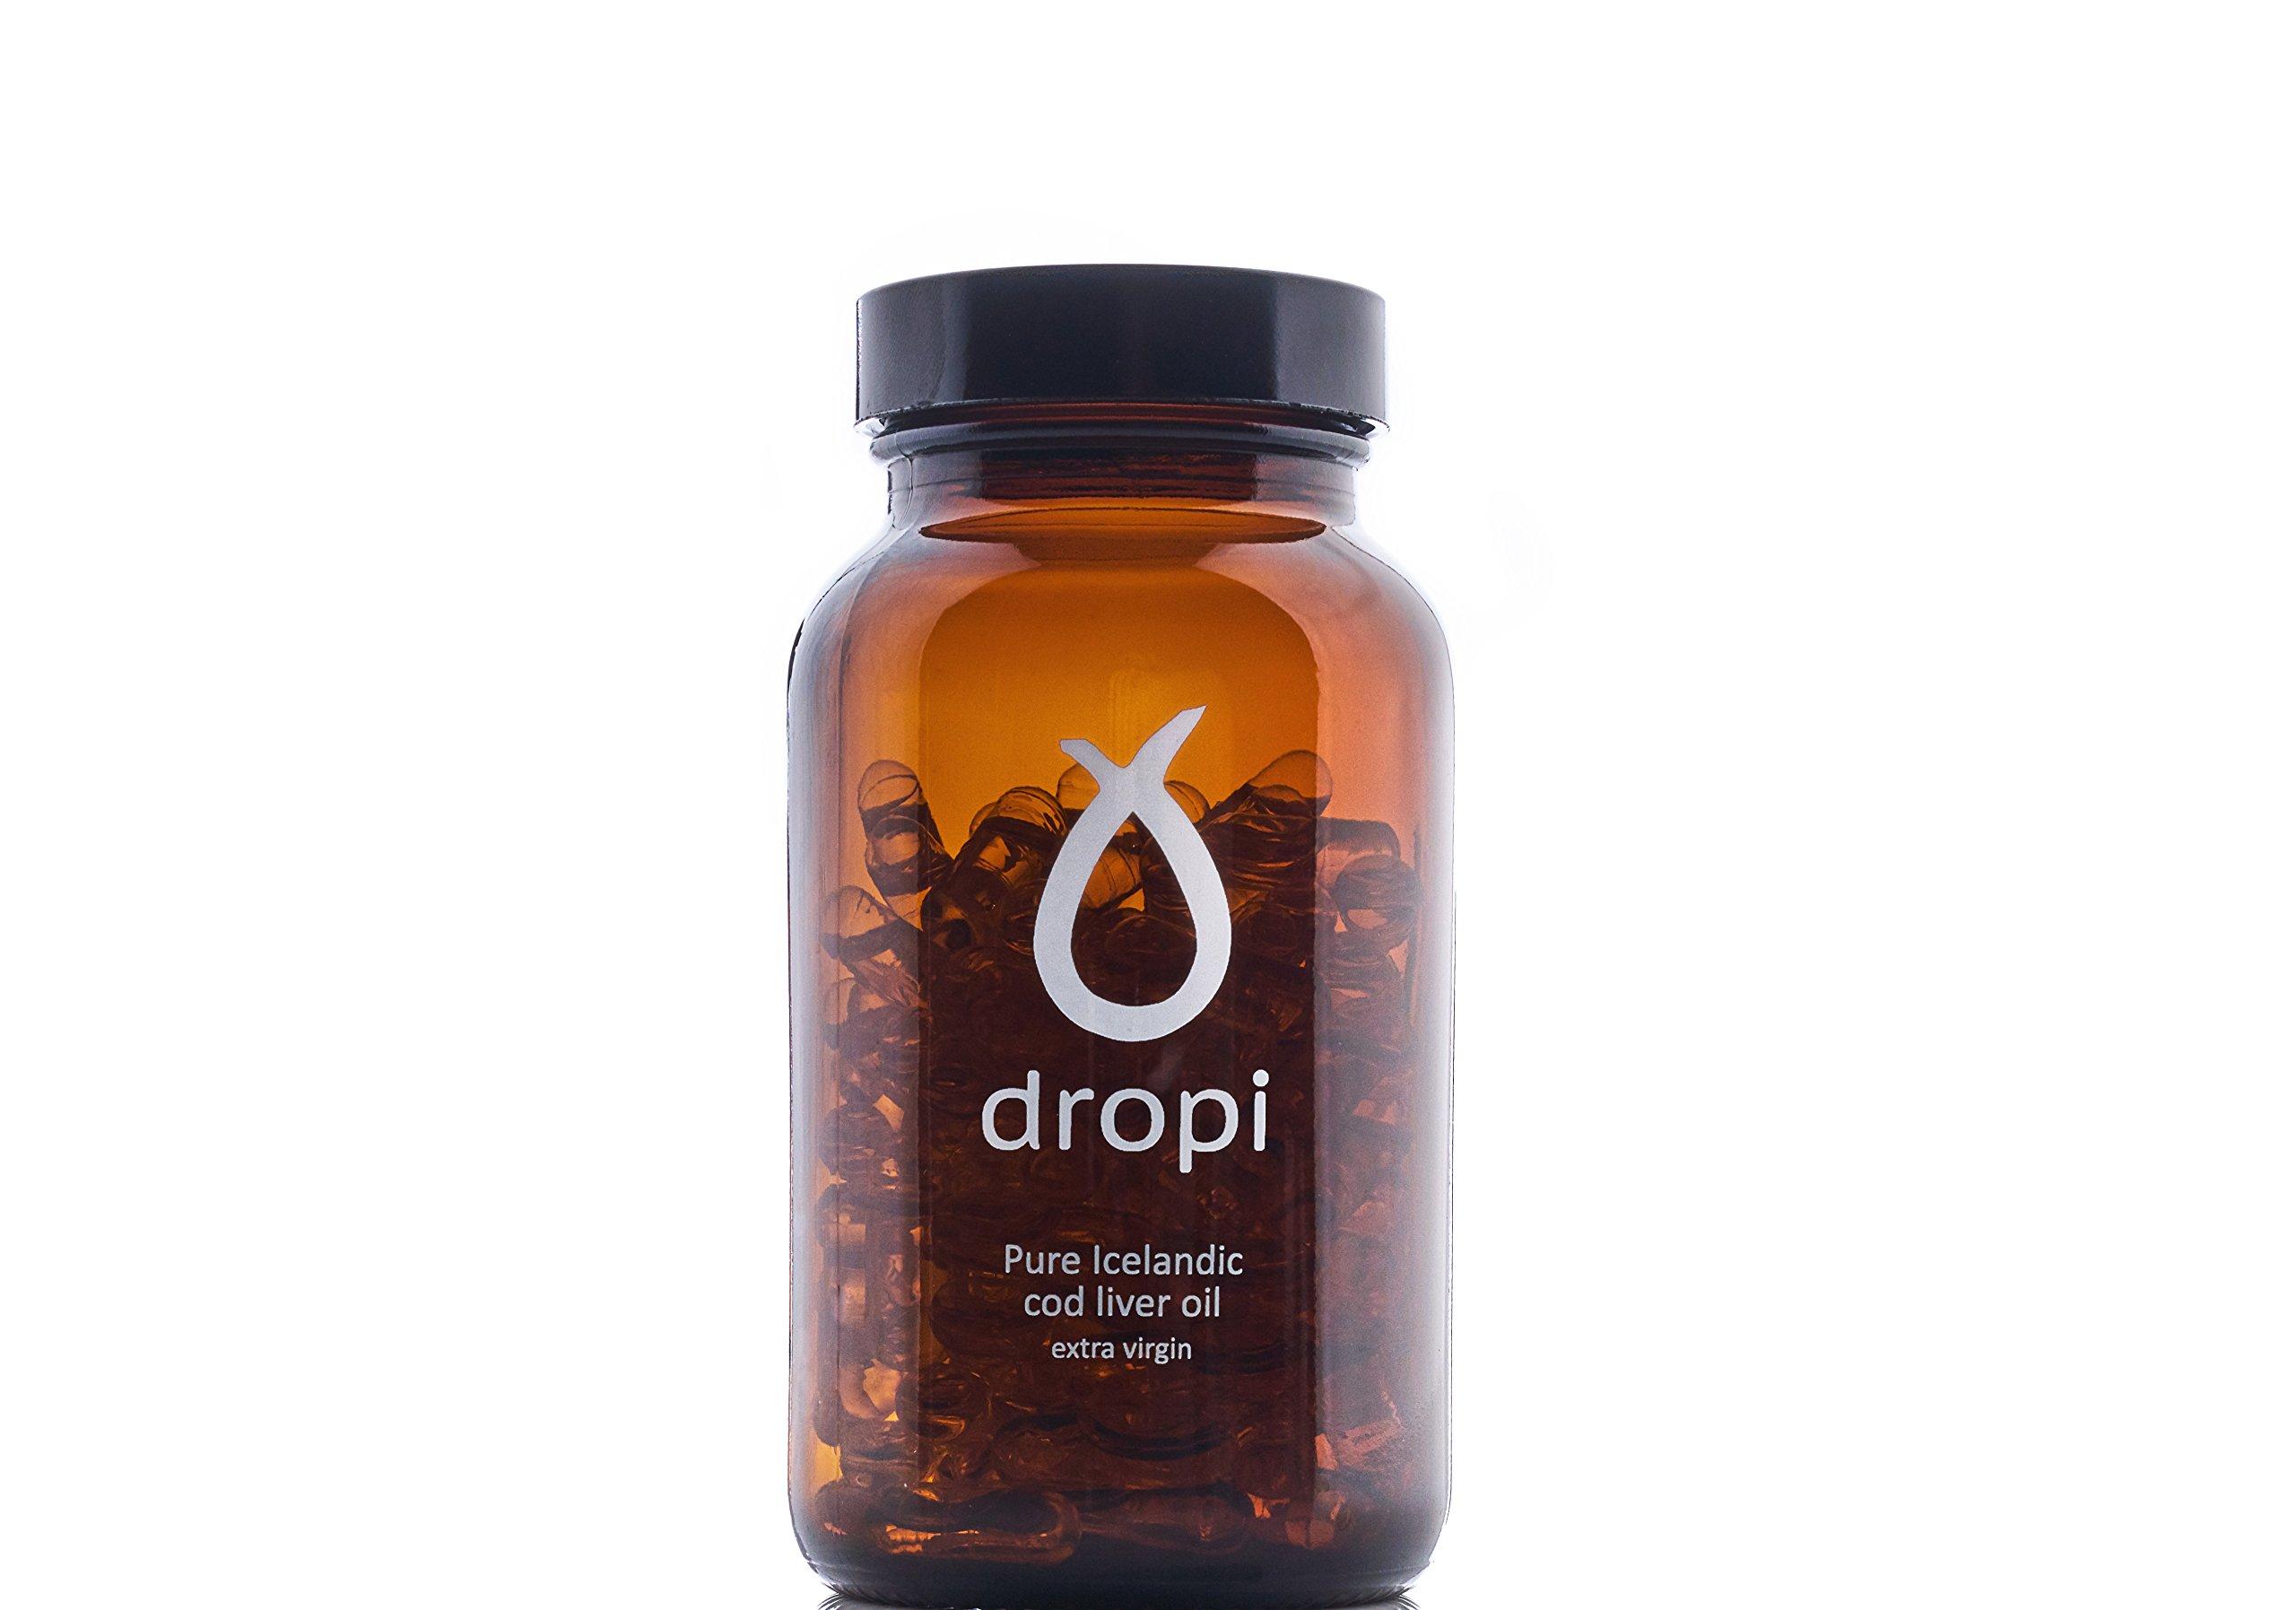 Dropi Pure Icelandic Cod Liver Oil Extra Virgin - 60 capsules